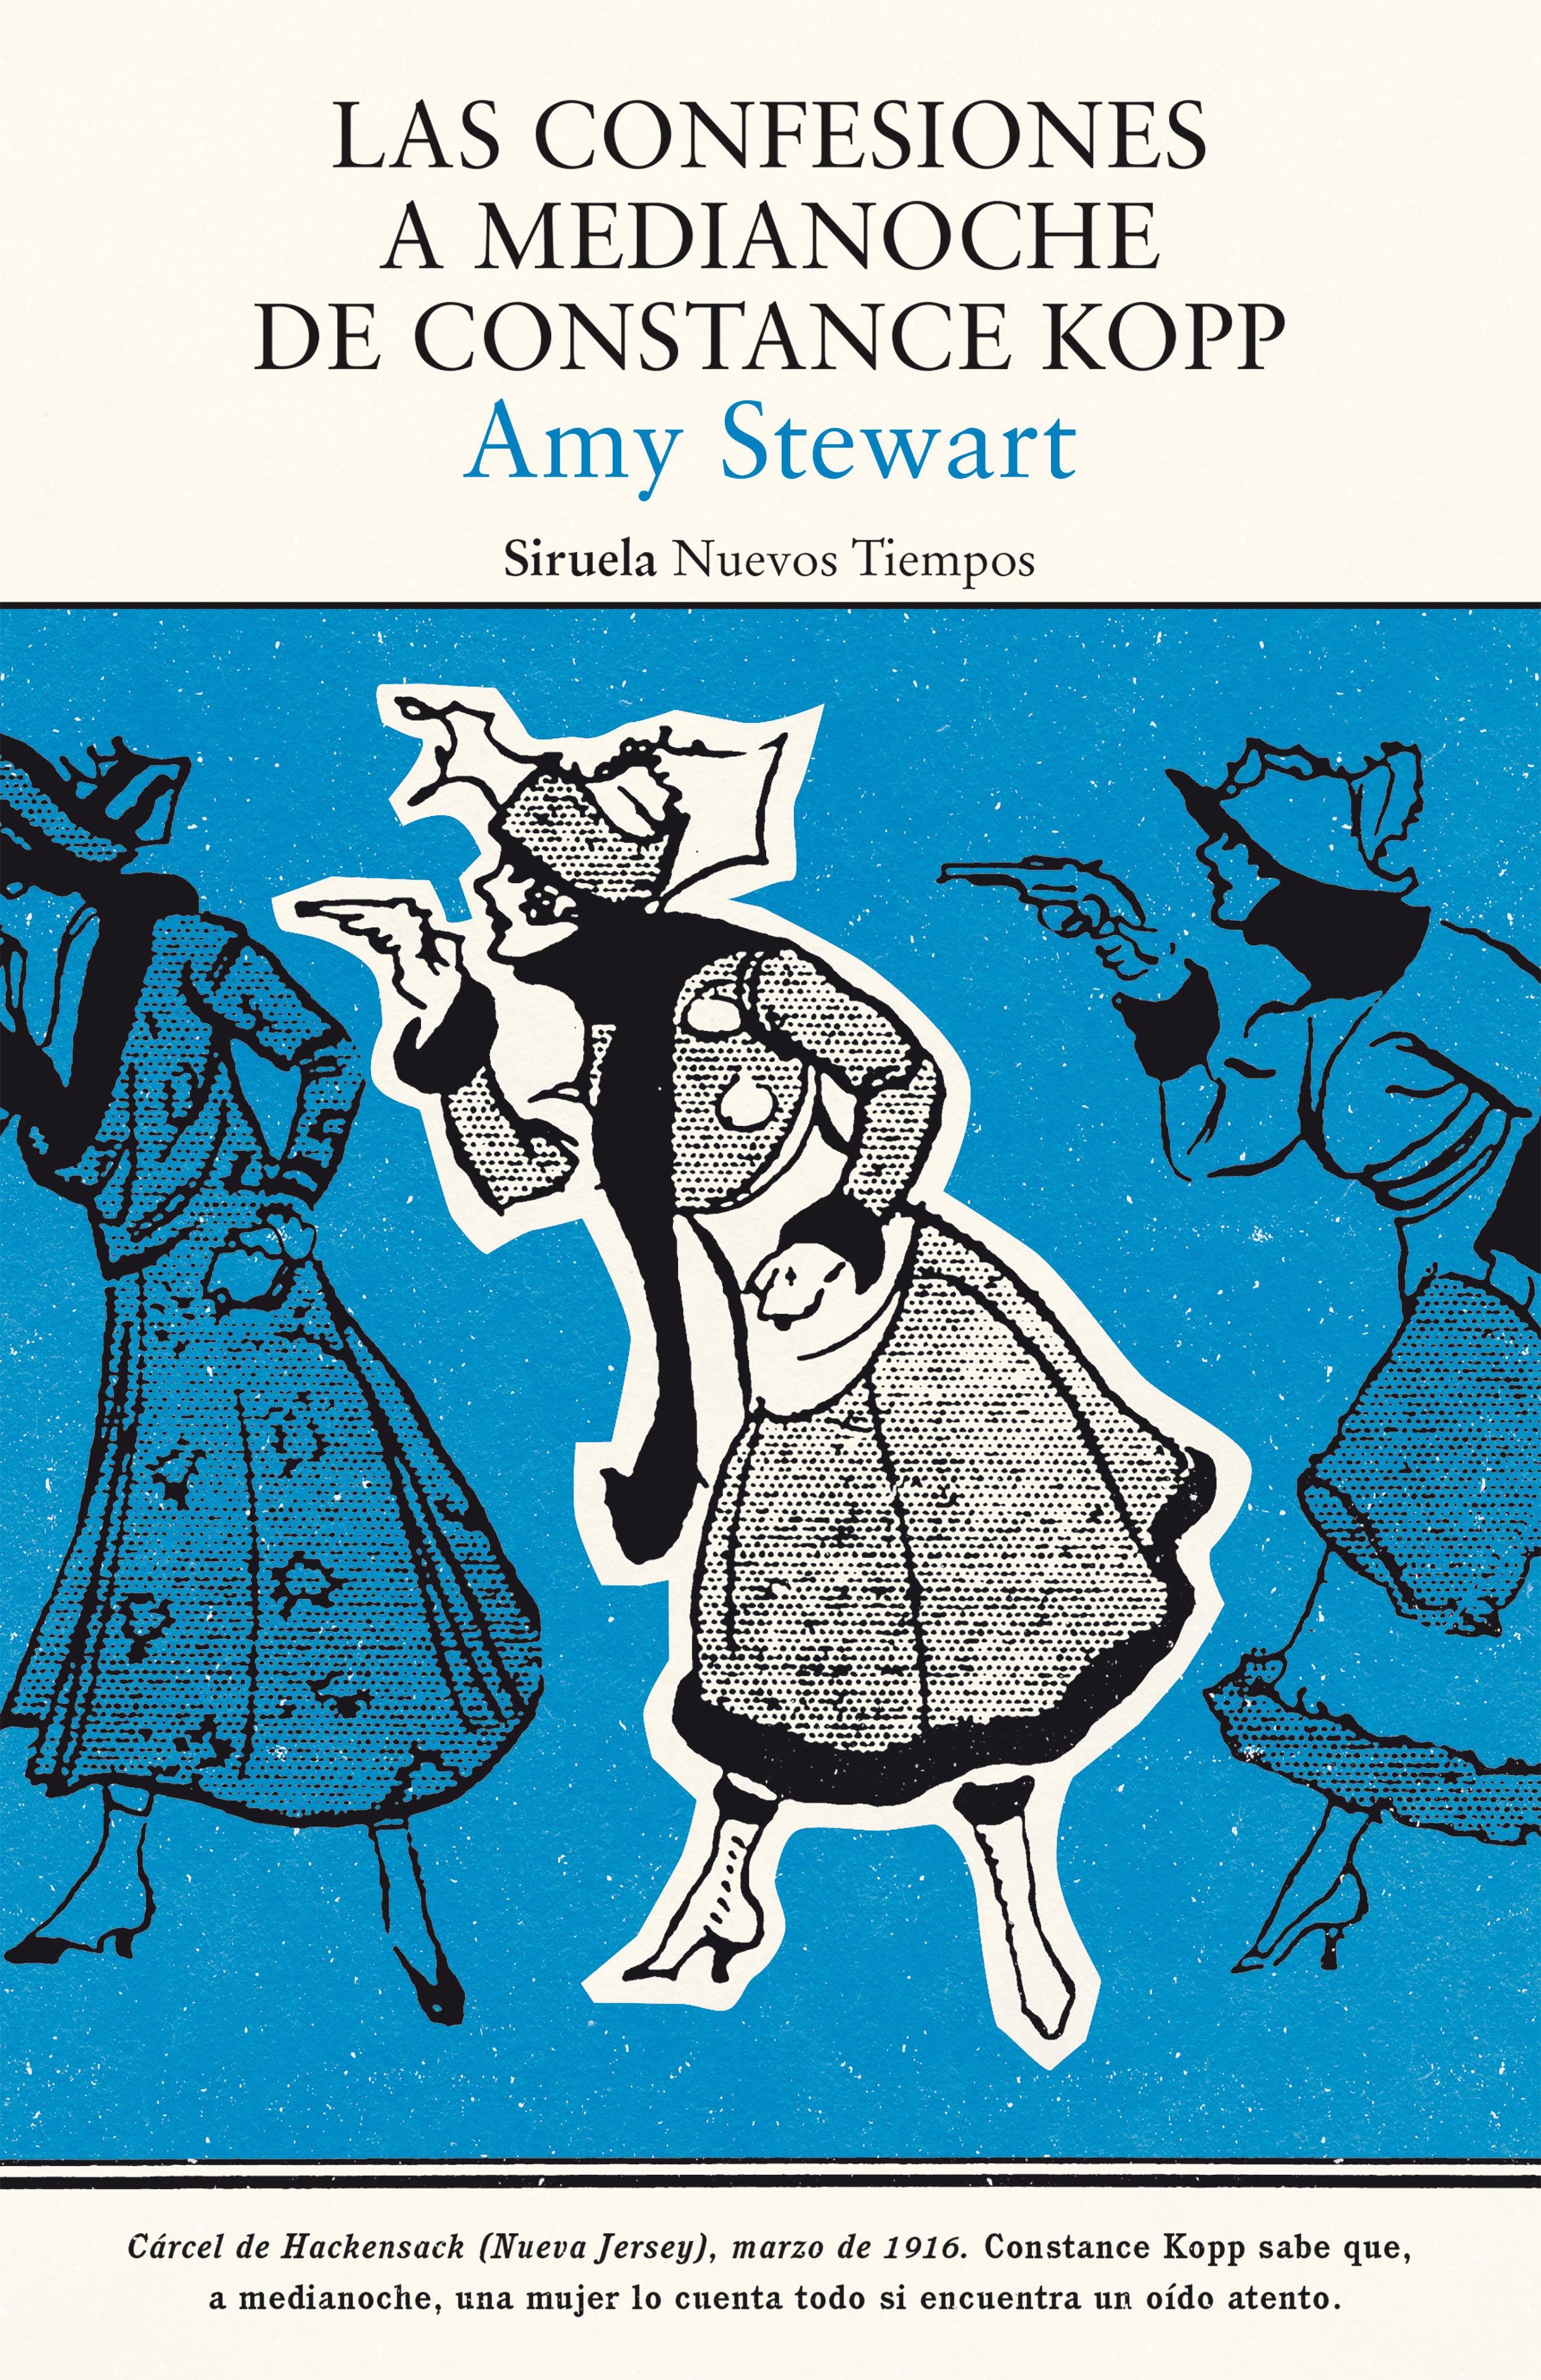 Las Confesiones A Medianoche De Constance Kopp por Amy Stewart